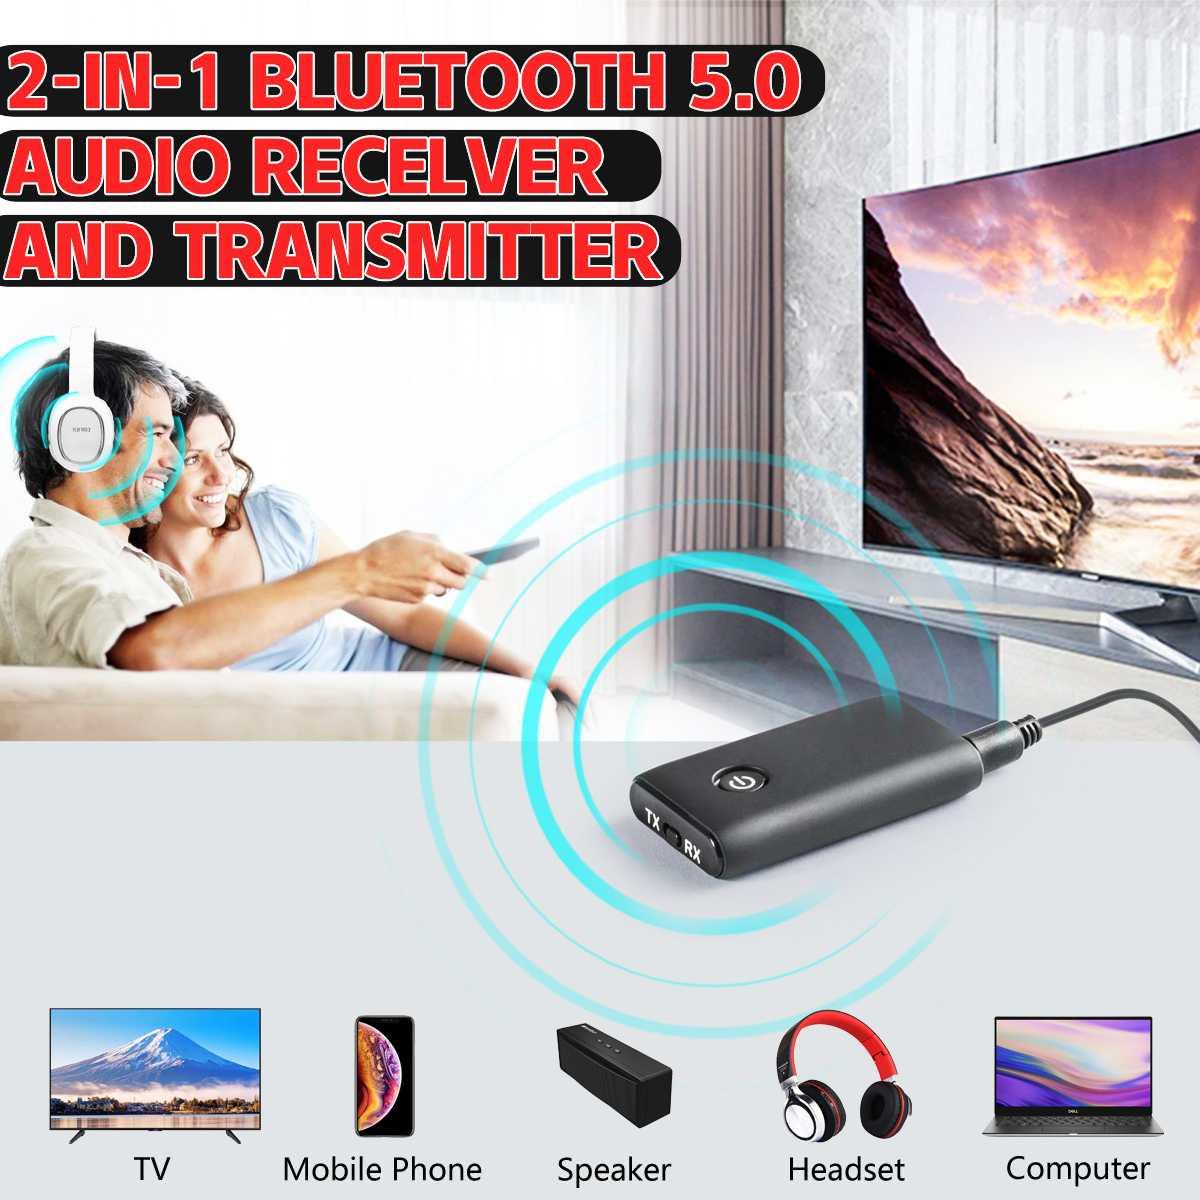 Funkadapter 2 In 1 5 V Drahtlose Bluetooth Sender Empfänger Adapter Stereo Audio Musik Adapter Mit Usb Lade Kabel 3,5mm Audio Kabel Ausreichende Versorgung